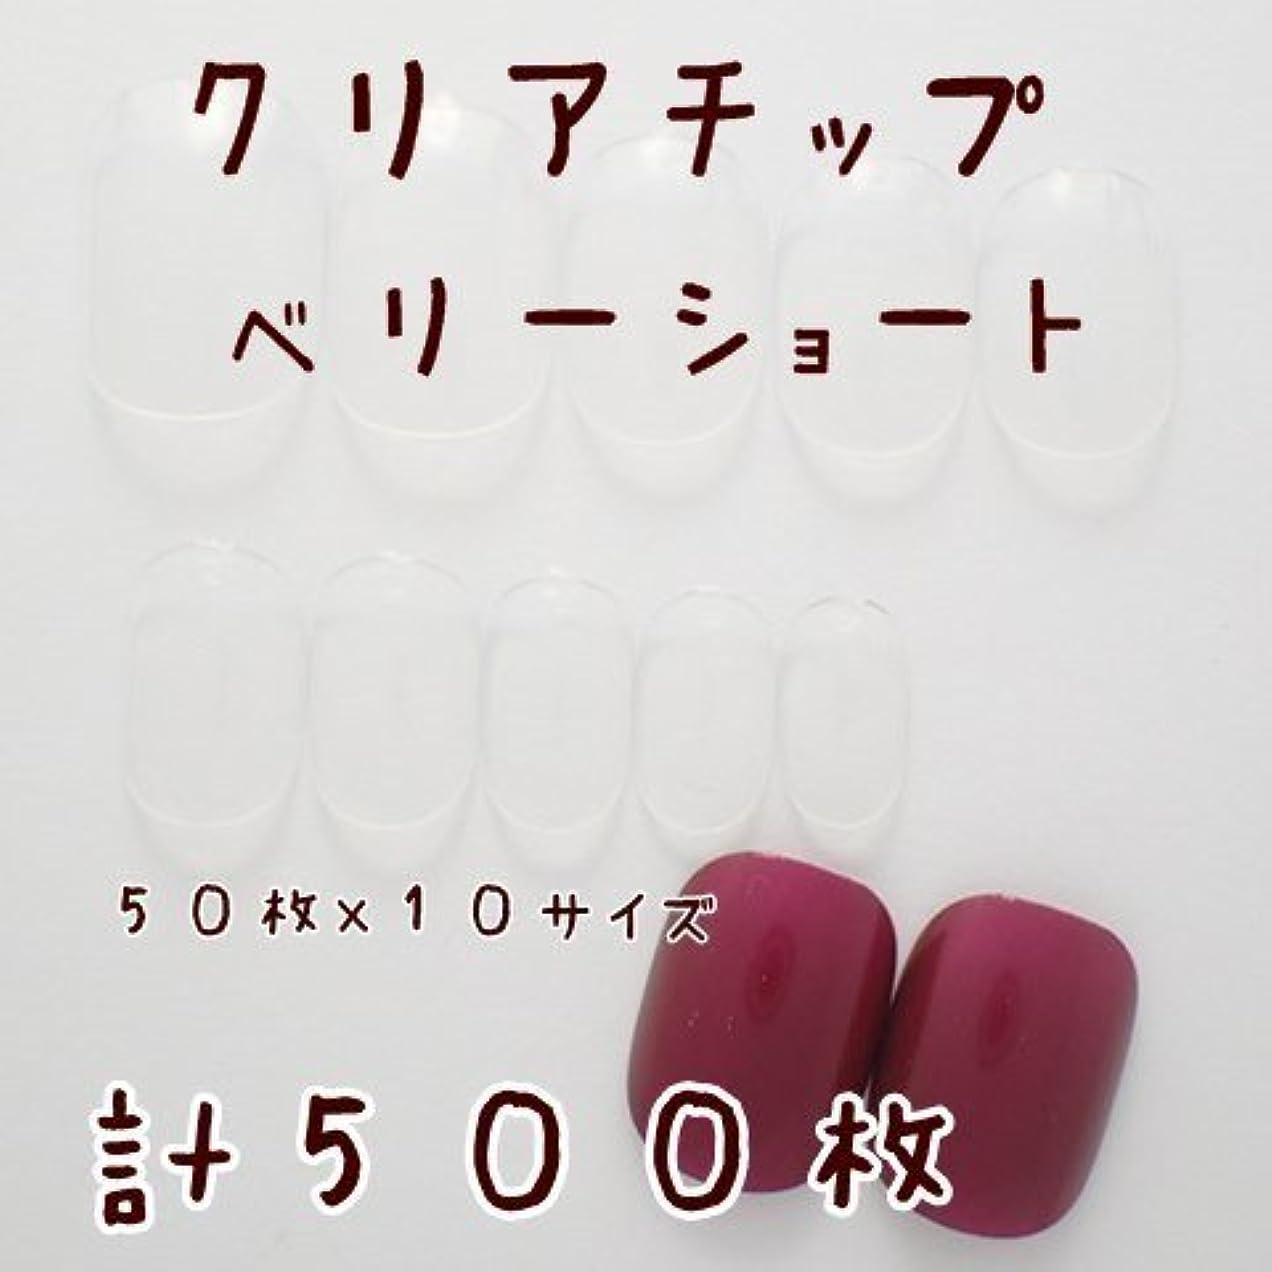 ファーザーファージュペルソナ扱いやすいDINAネイル クリアネイルチップ【ベリーショート】50枚×10サイズ計500枚 ネイルチップ